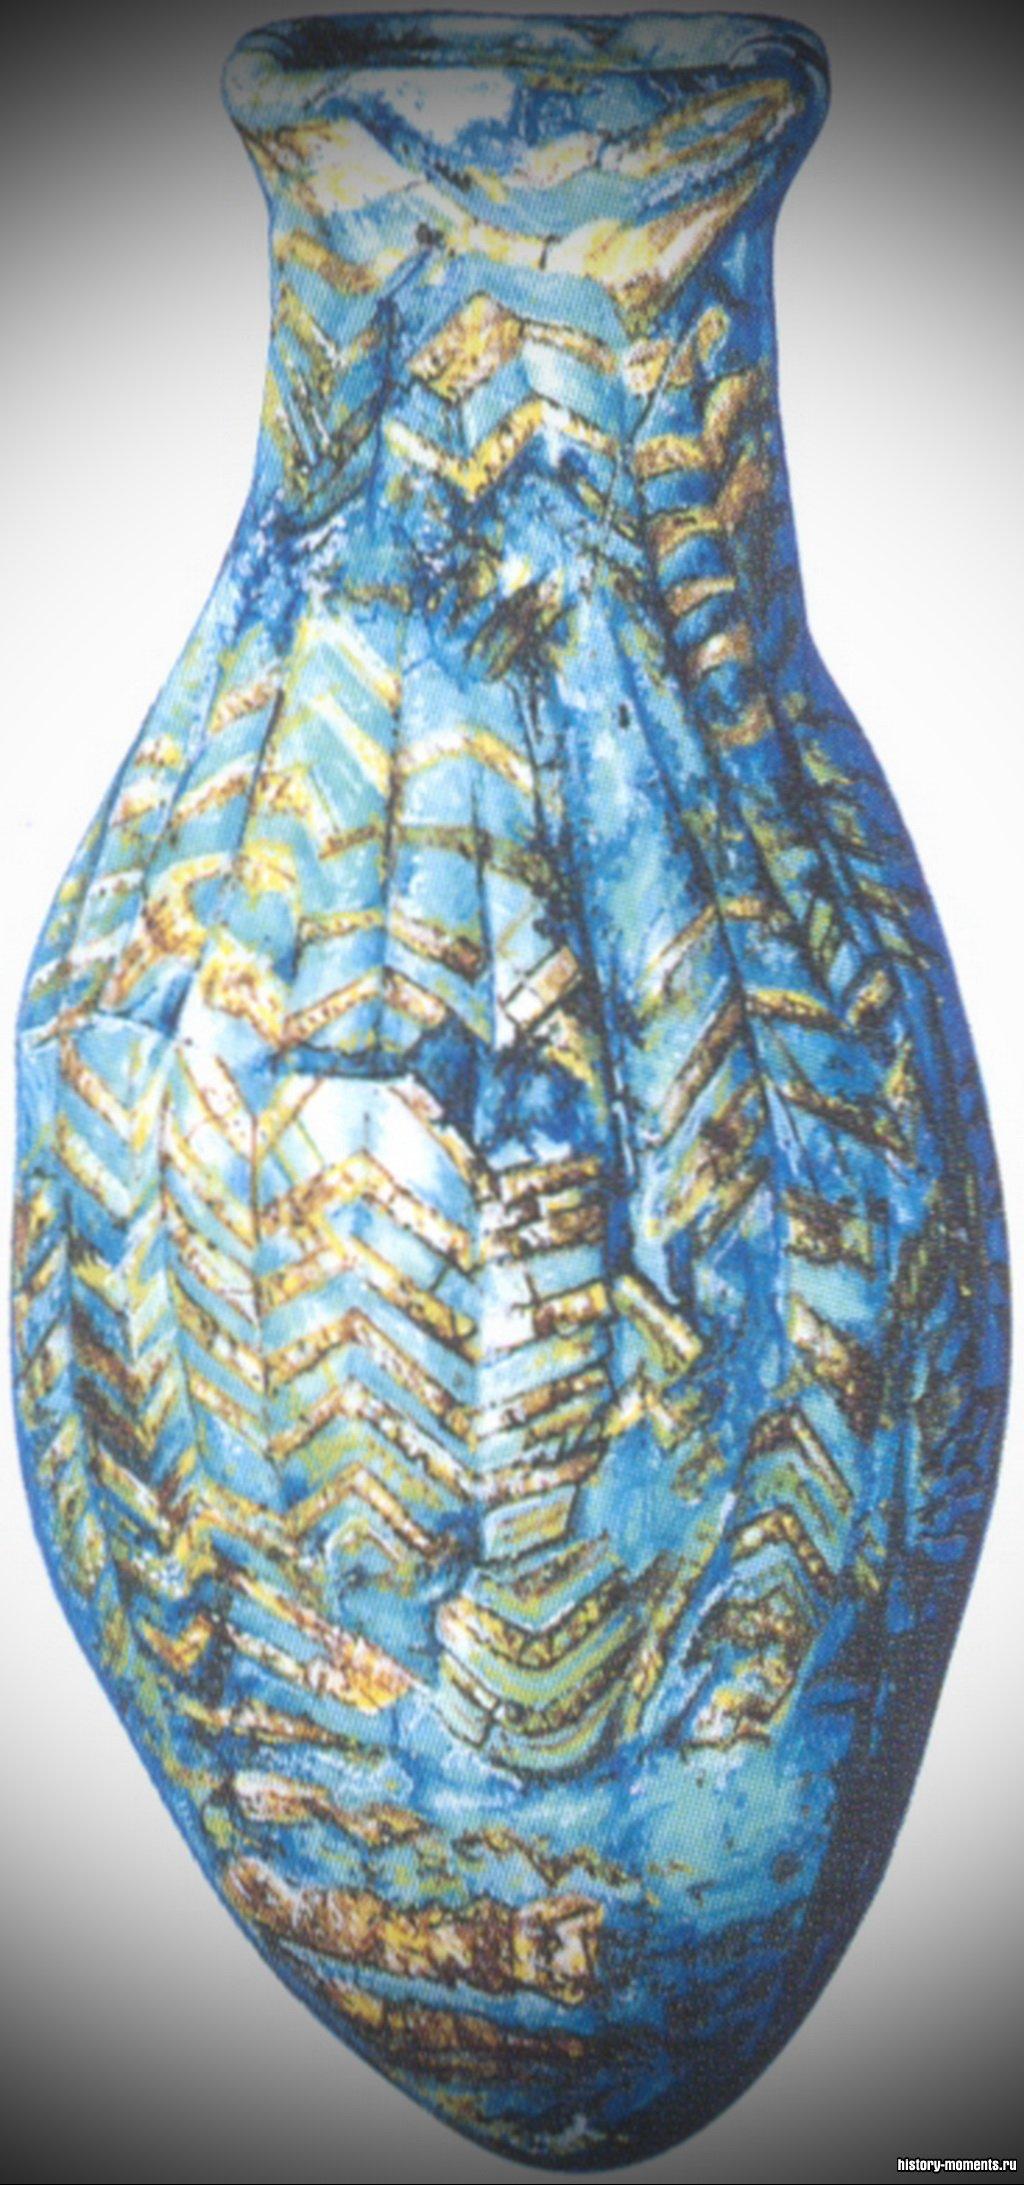 Стеклянная бутыль из касситской могилы в Уре.